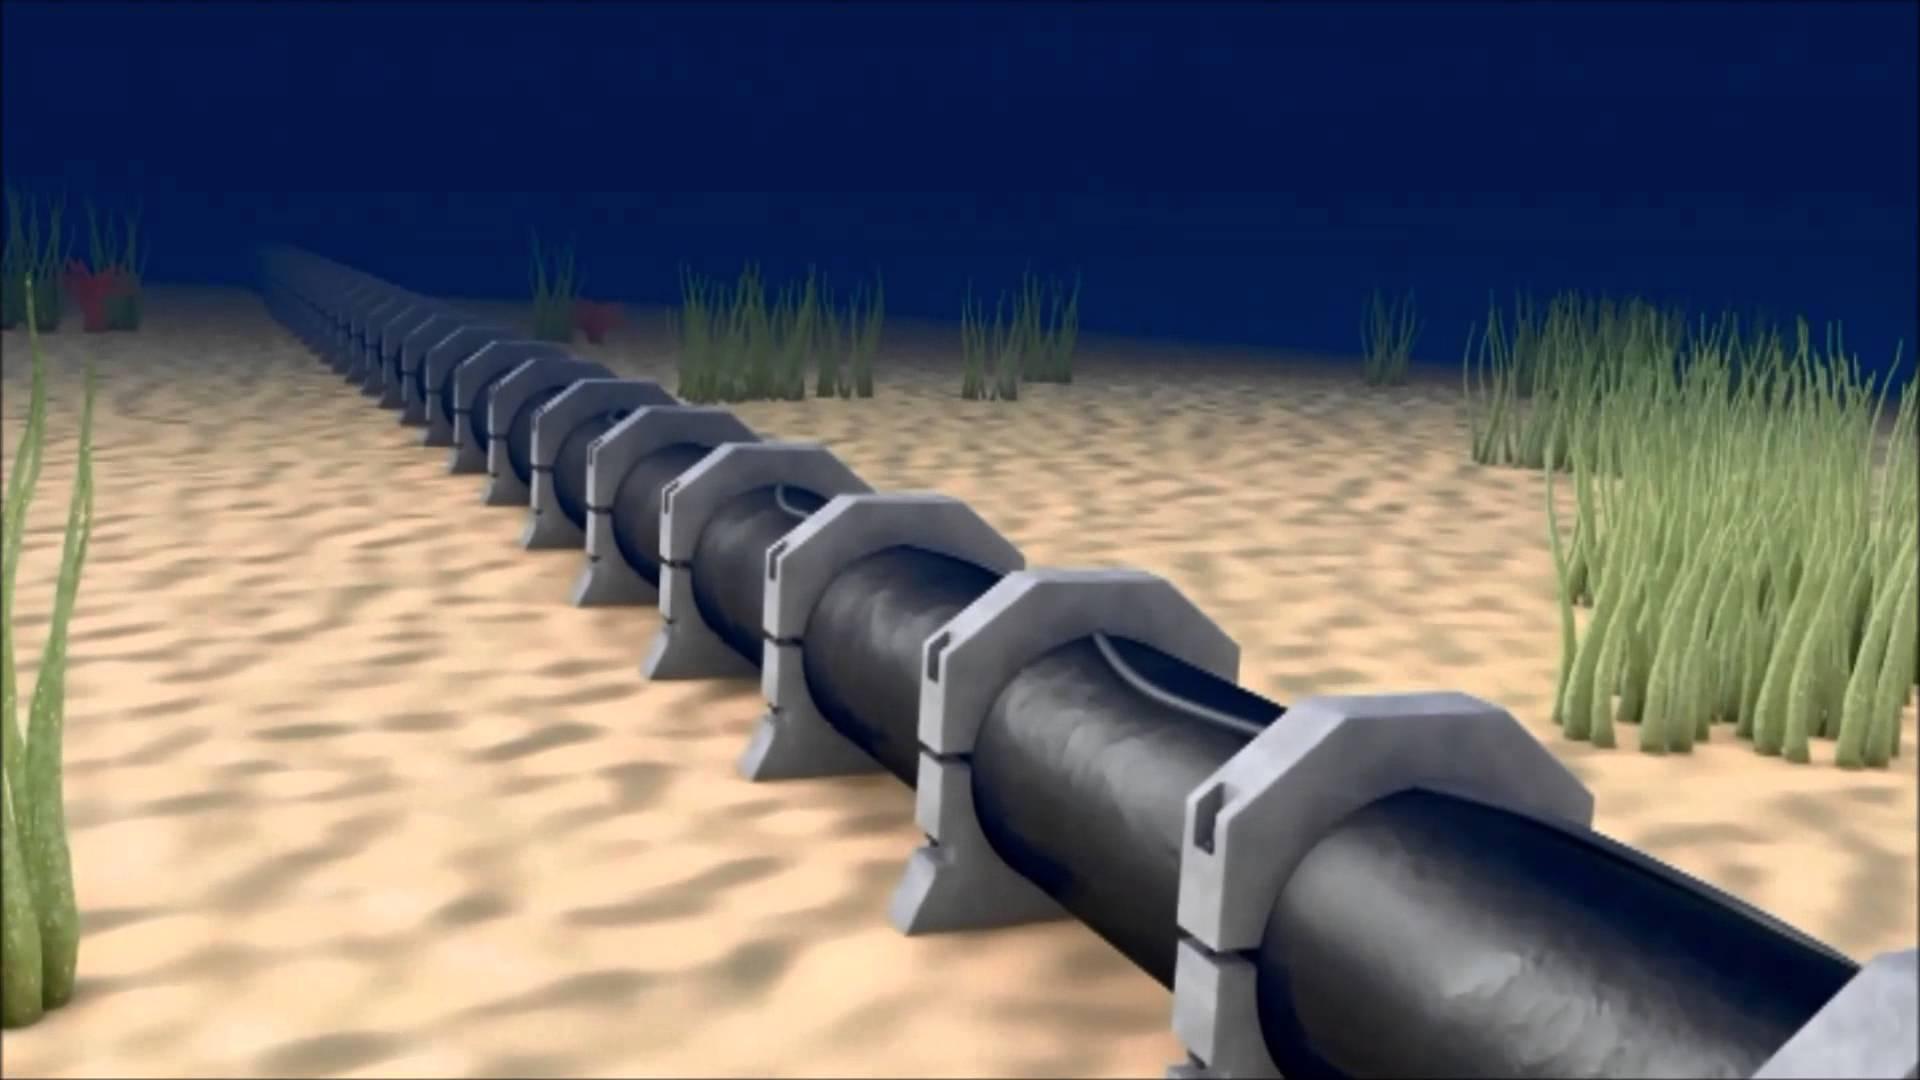 KKTC'ye su getirecek boruların ilk bloğu deniz tabanına yerleştirildi